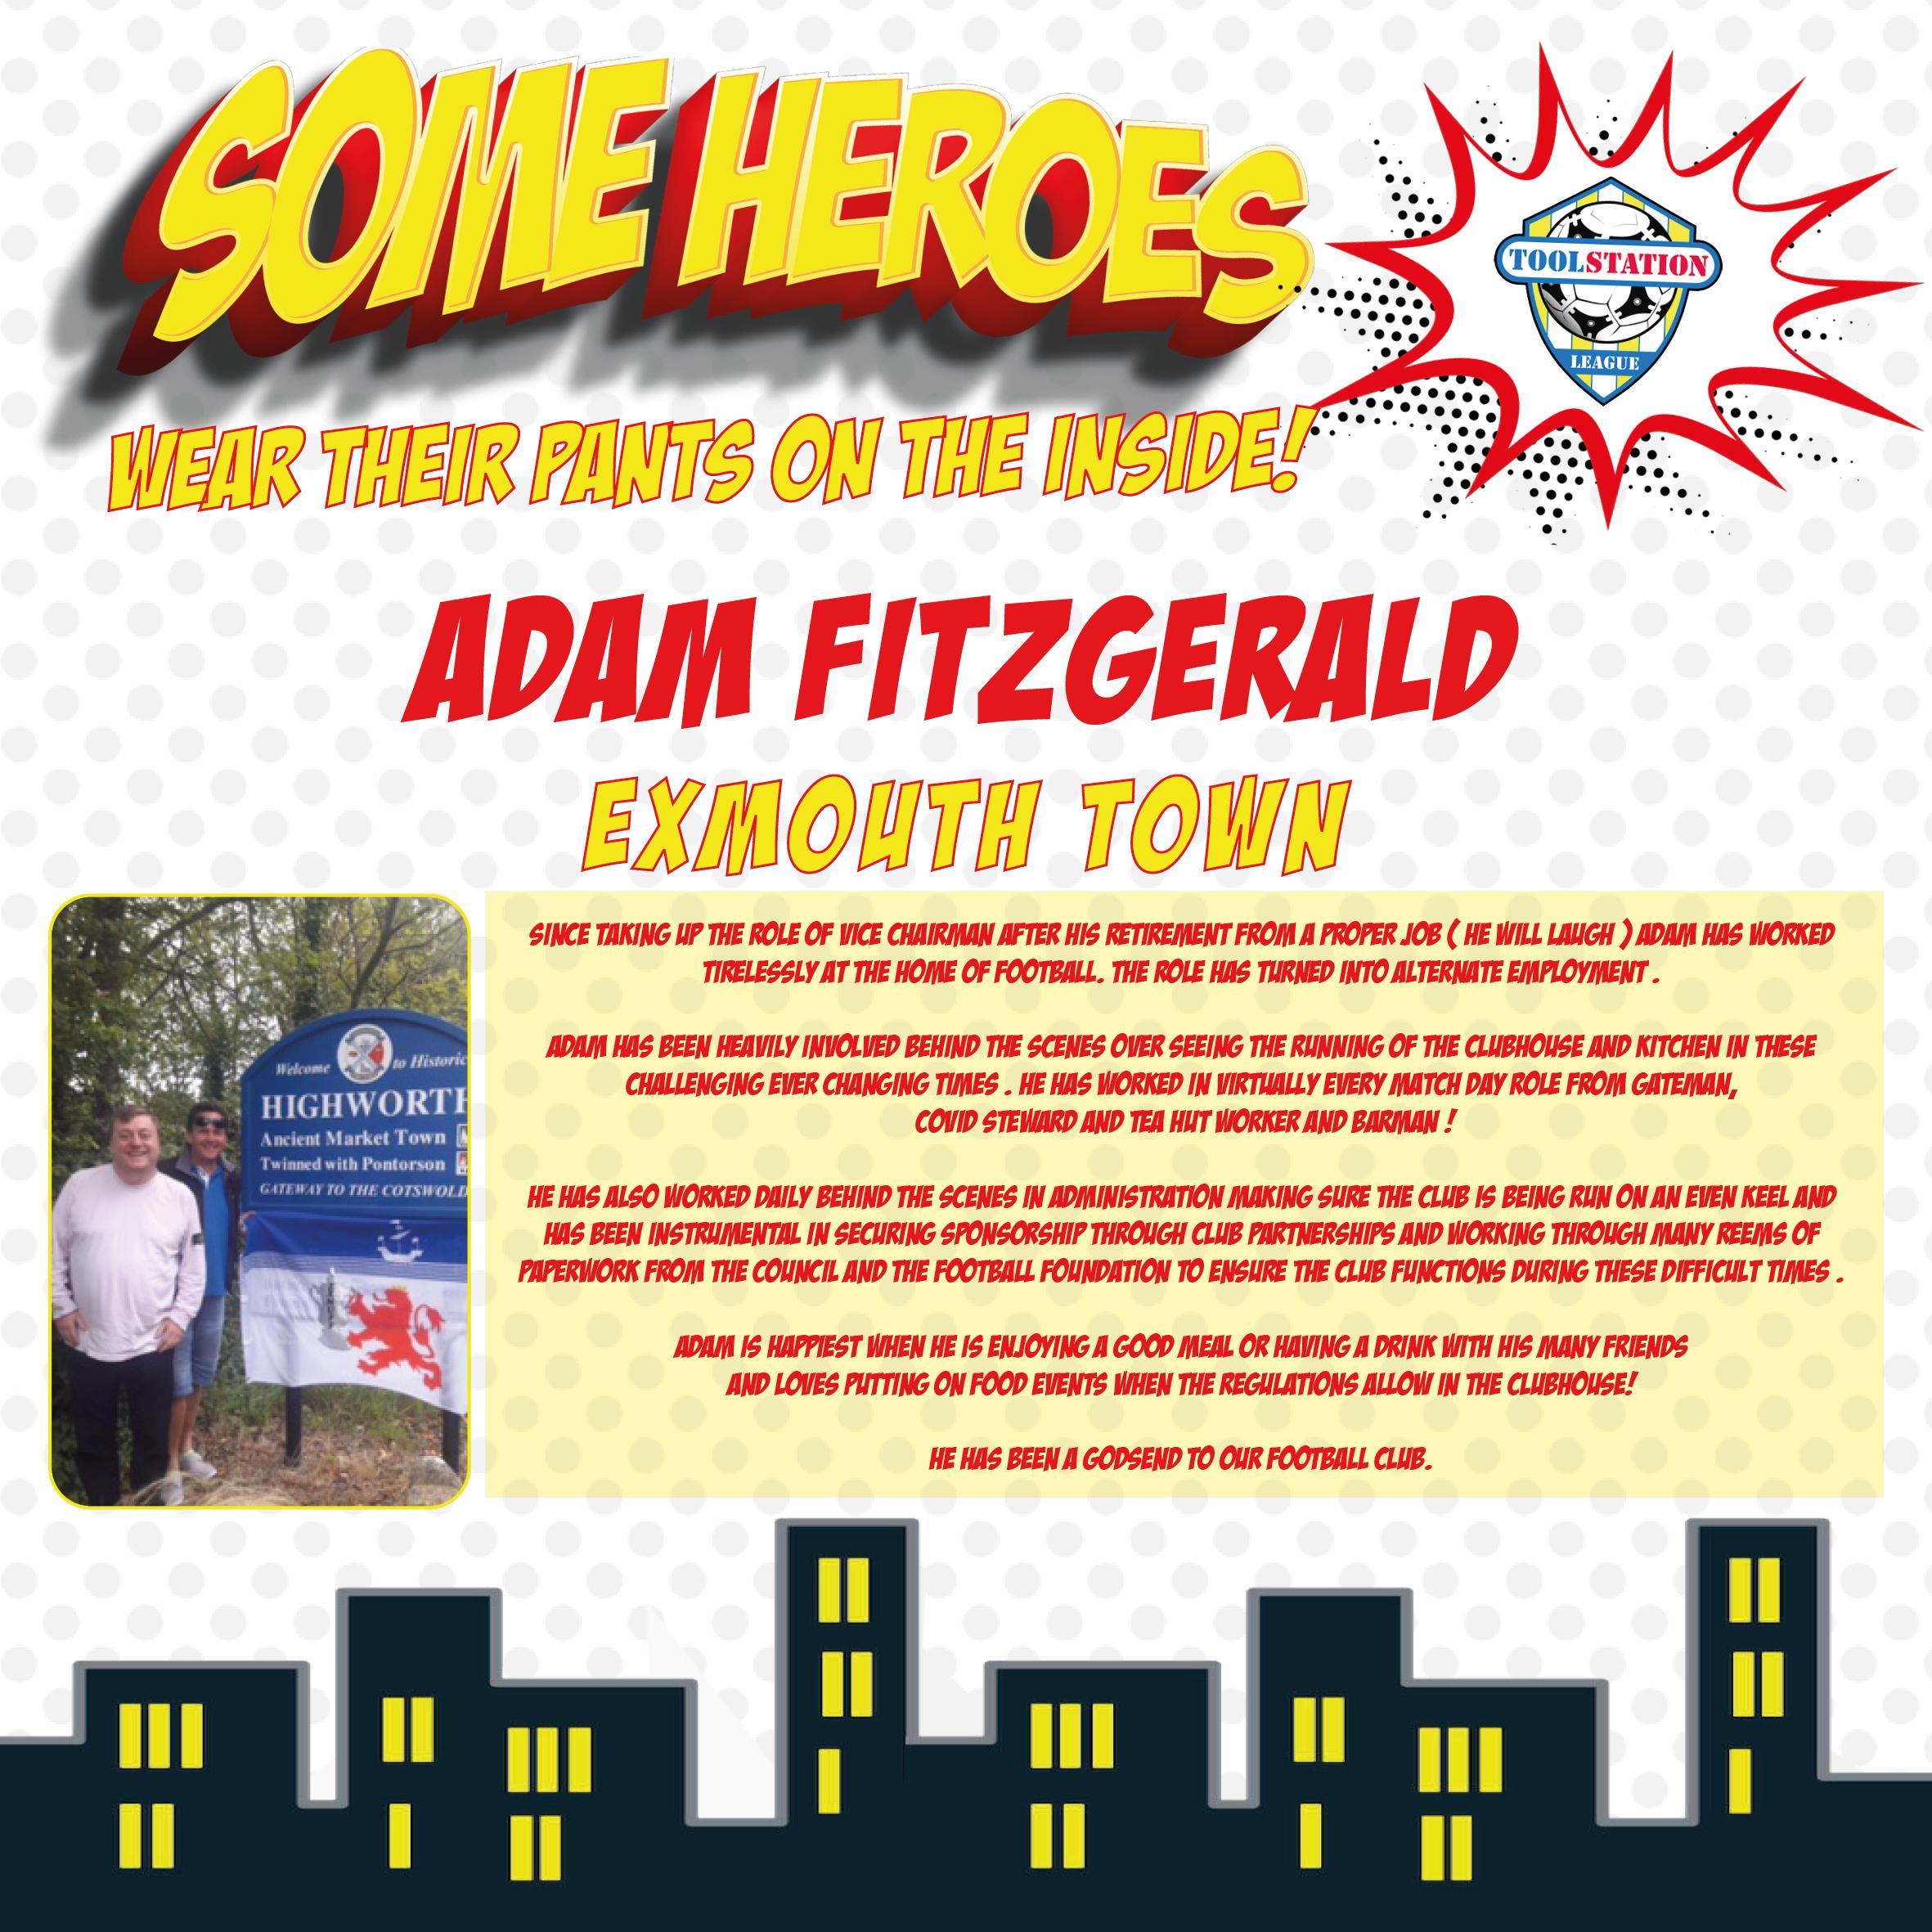 Adam Fitzgerald